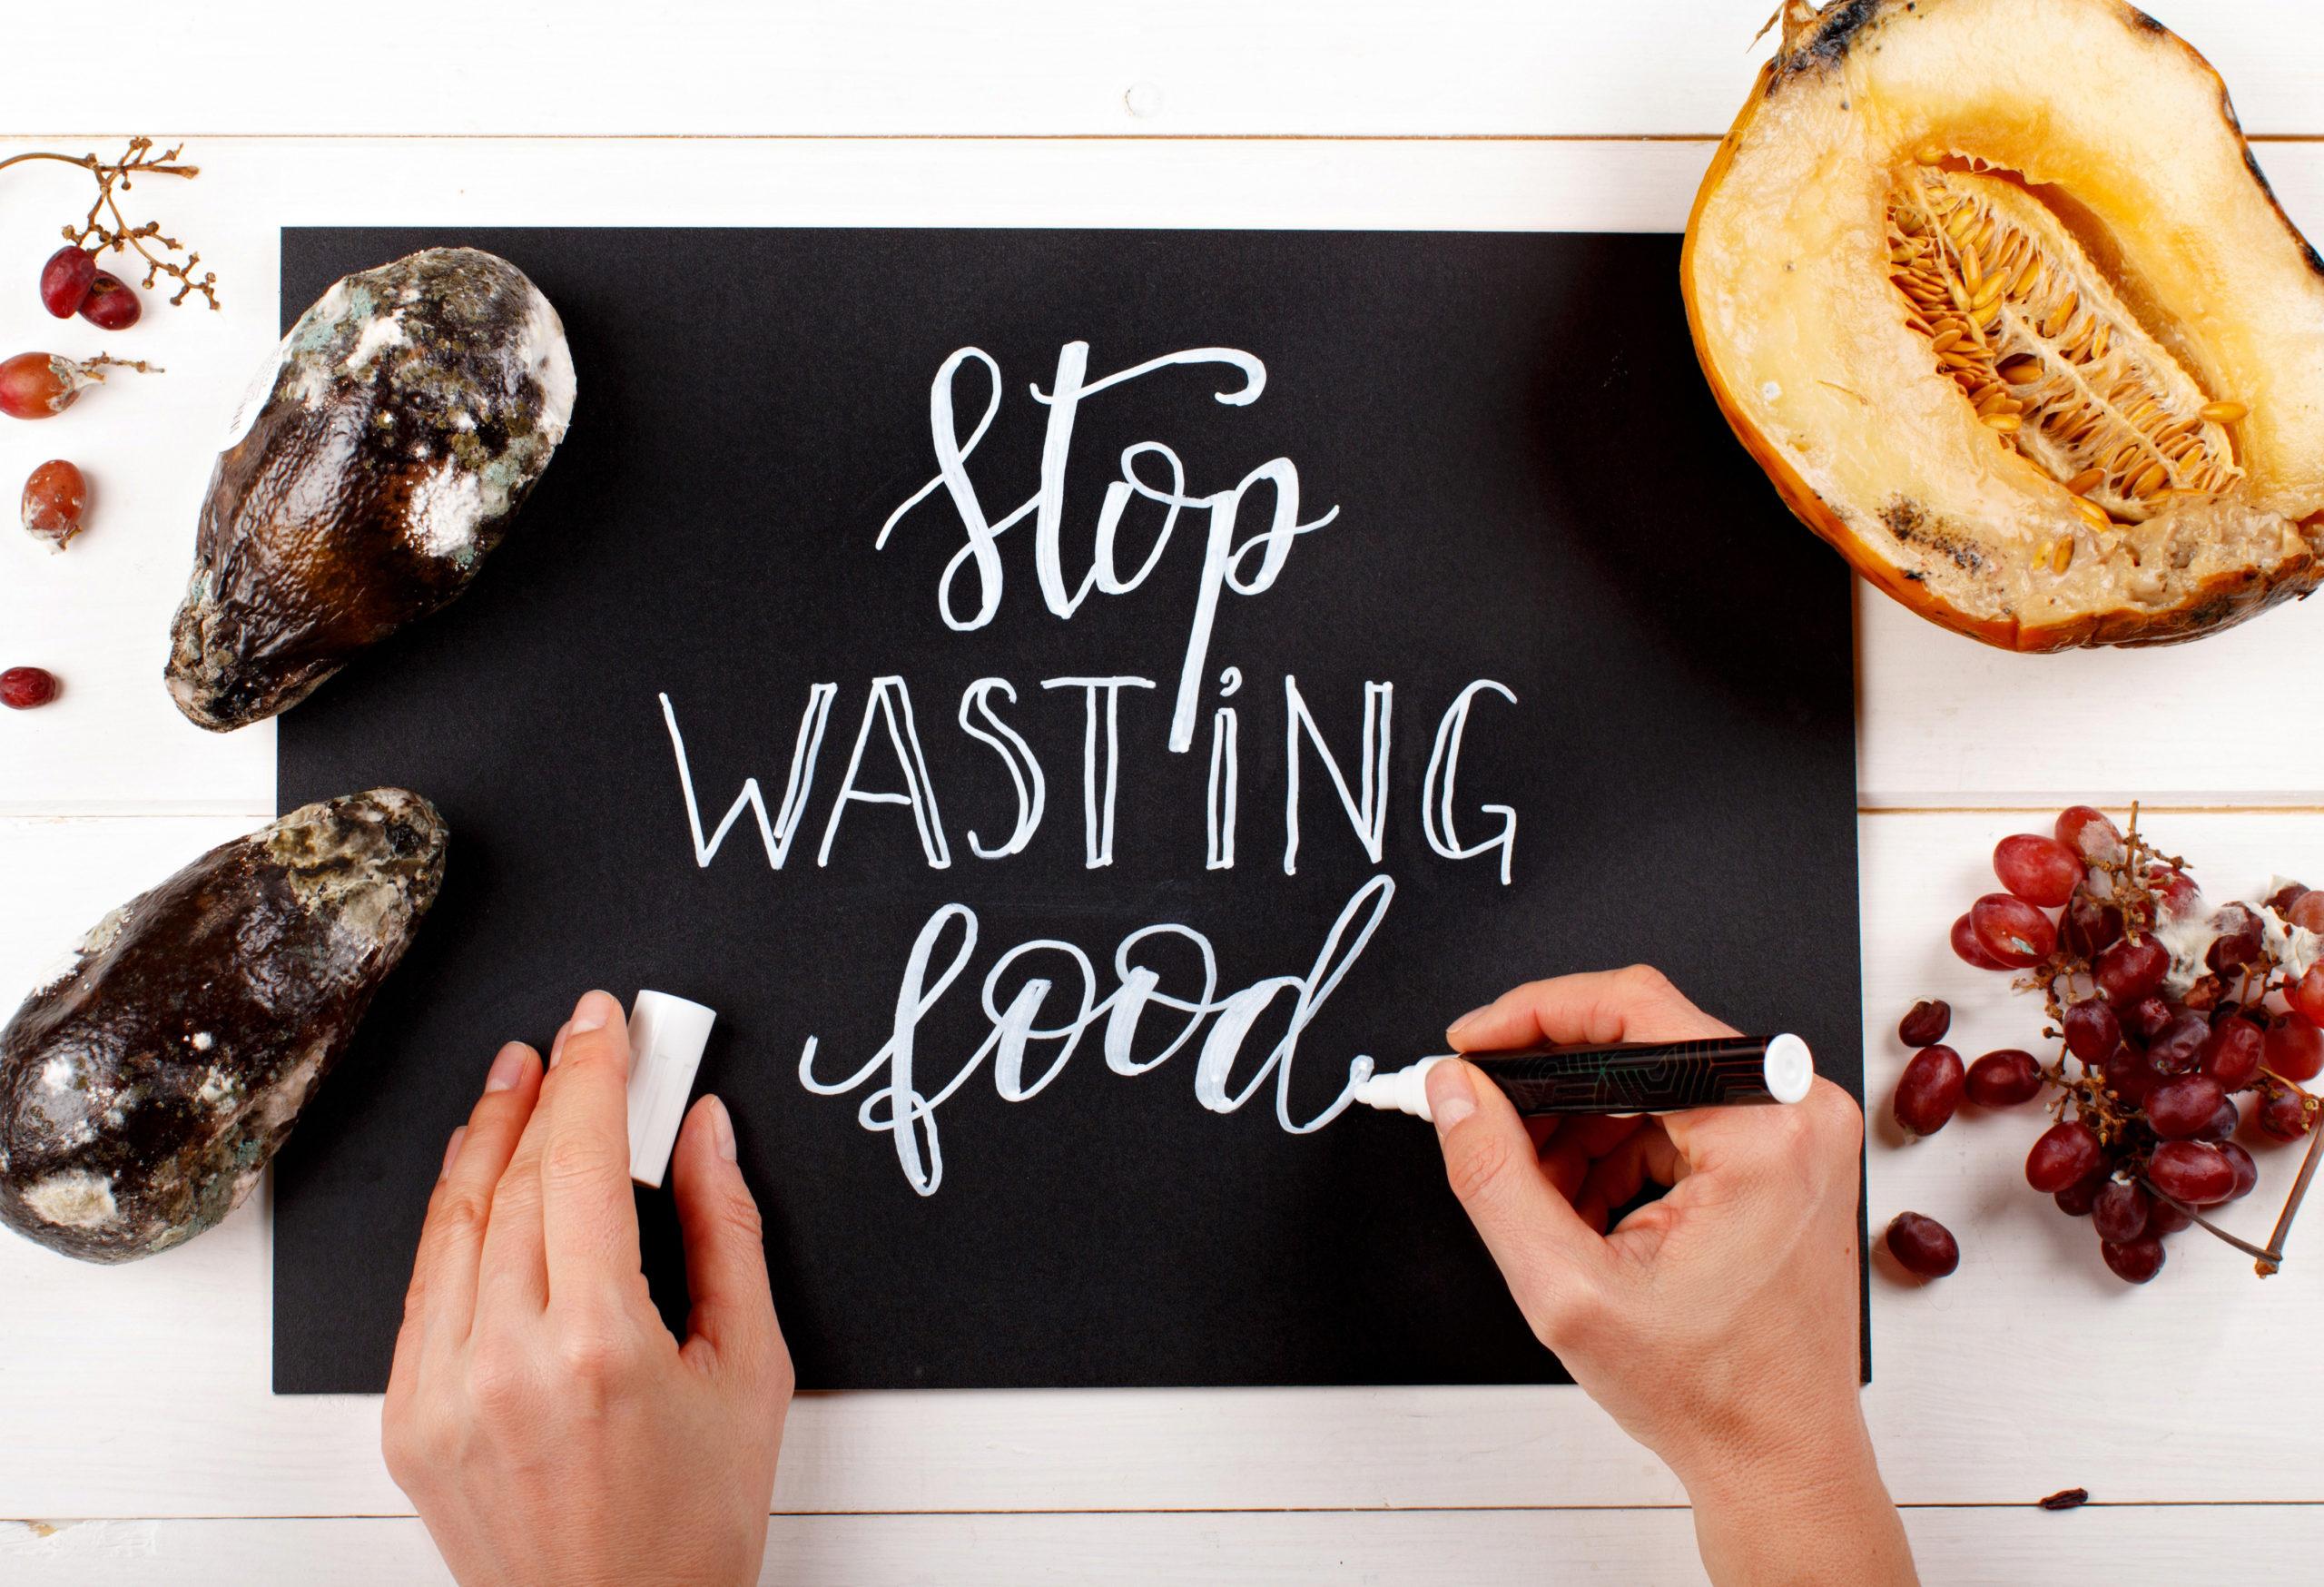 como evitar el desperdicio de comida